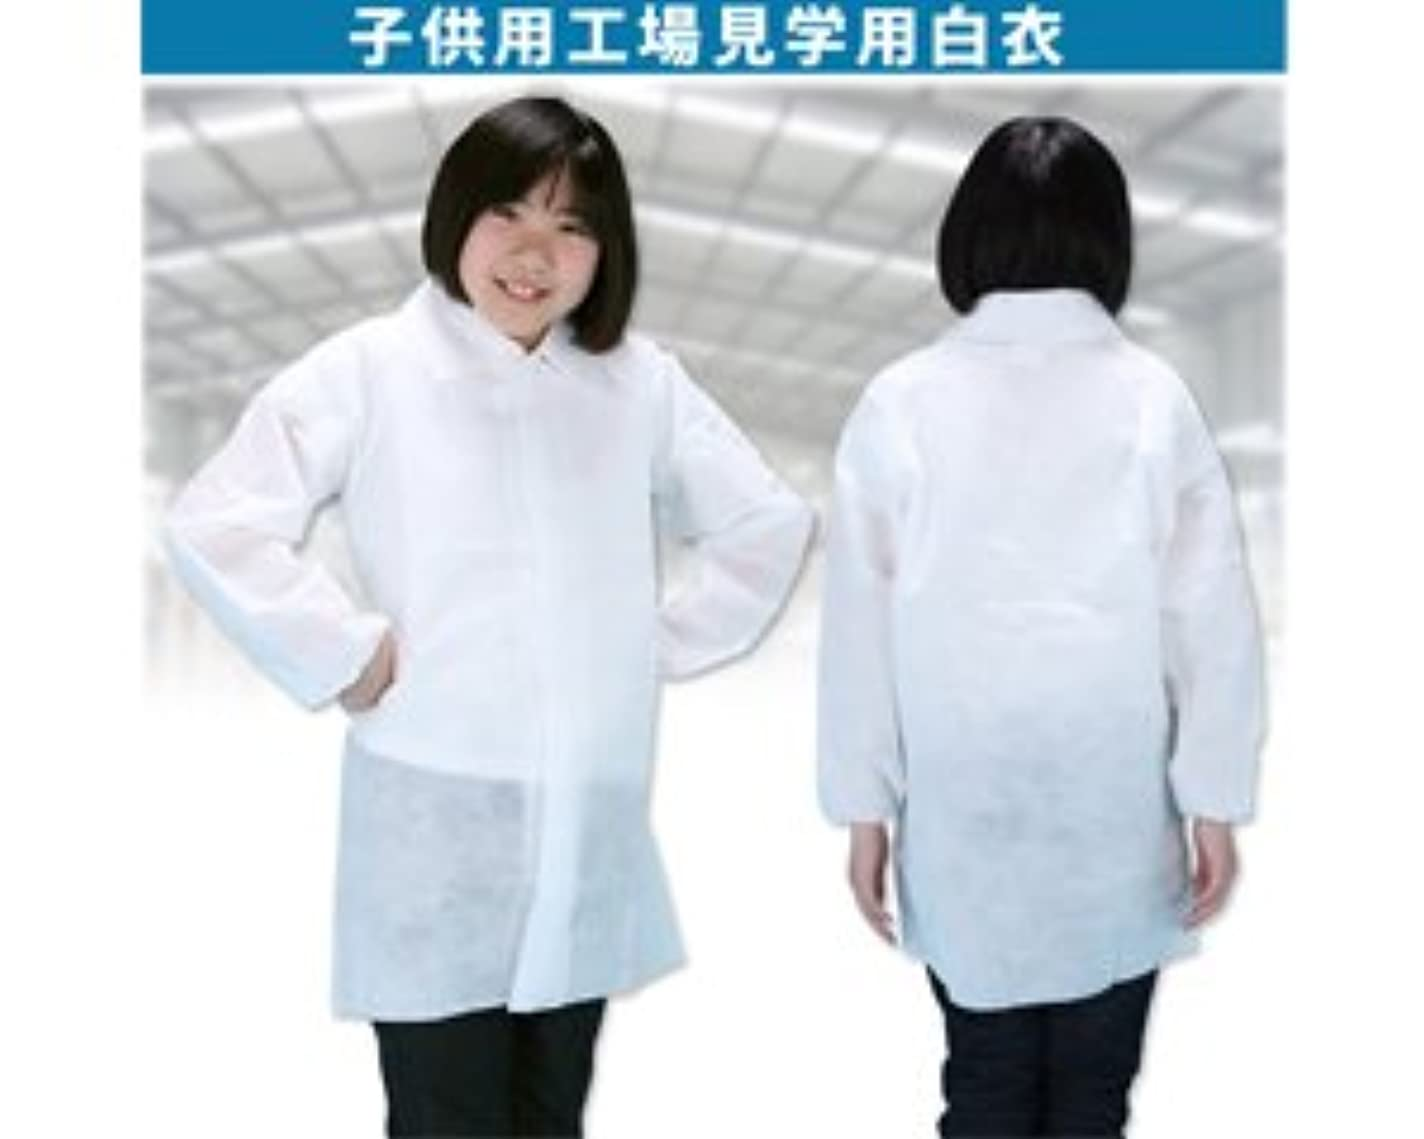 複合社会主義者派手使い捨て子供用白衣(不織布製)R8003 Mサイズ:1組 工場見学や工作?学芸会などイベント衣装にも(マジックテープタイプ)